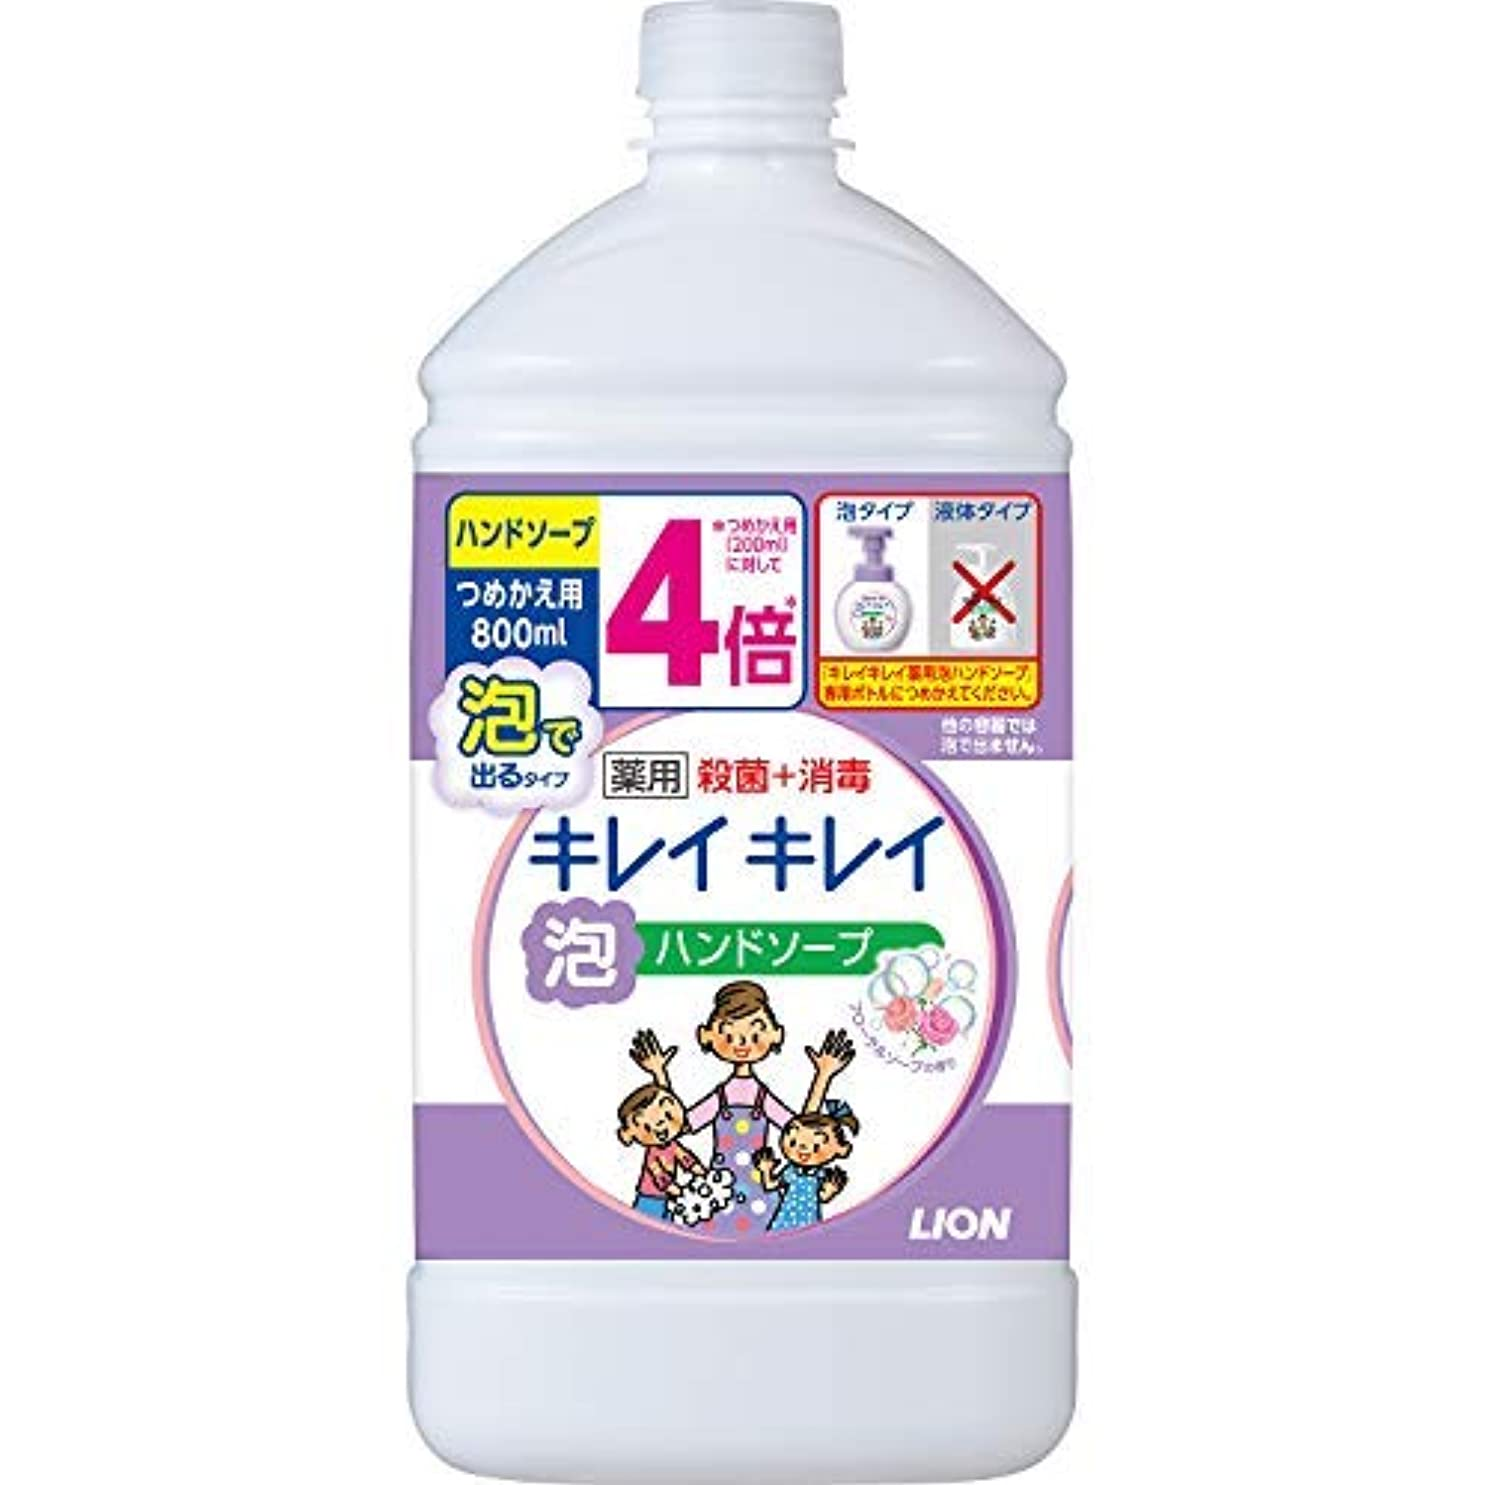 キレイキレイ 薬用泡ハンドソープ つめかえ用特大サイズ フローラルソープ × 4個セット